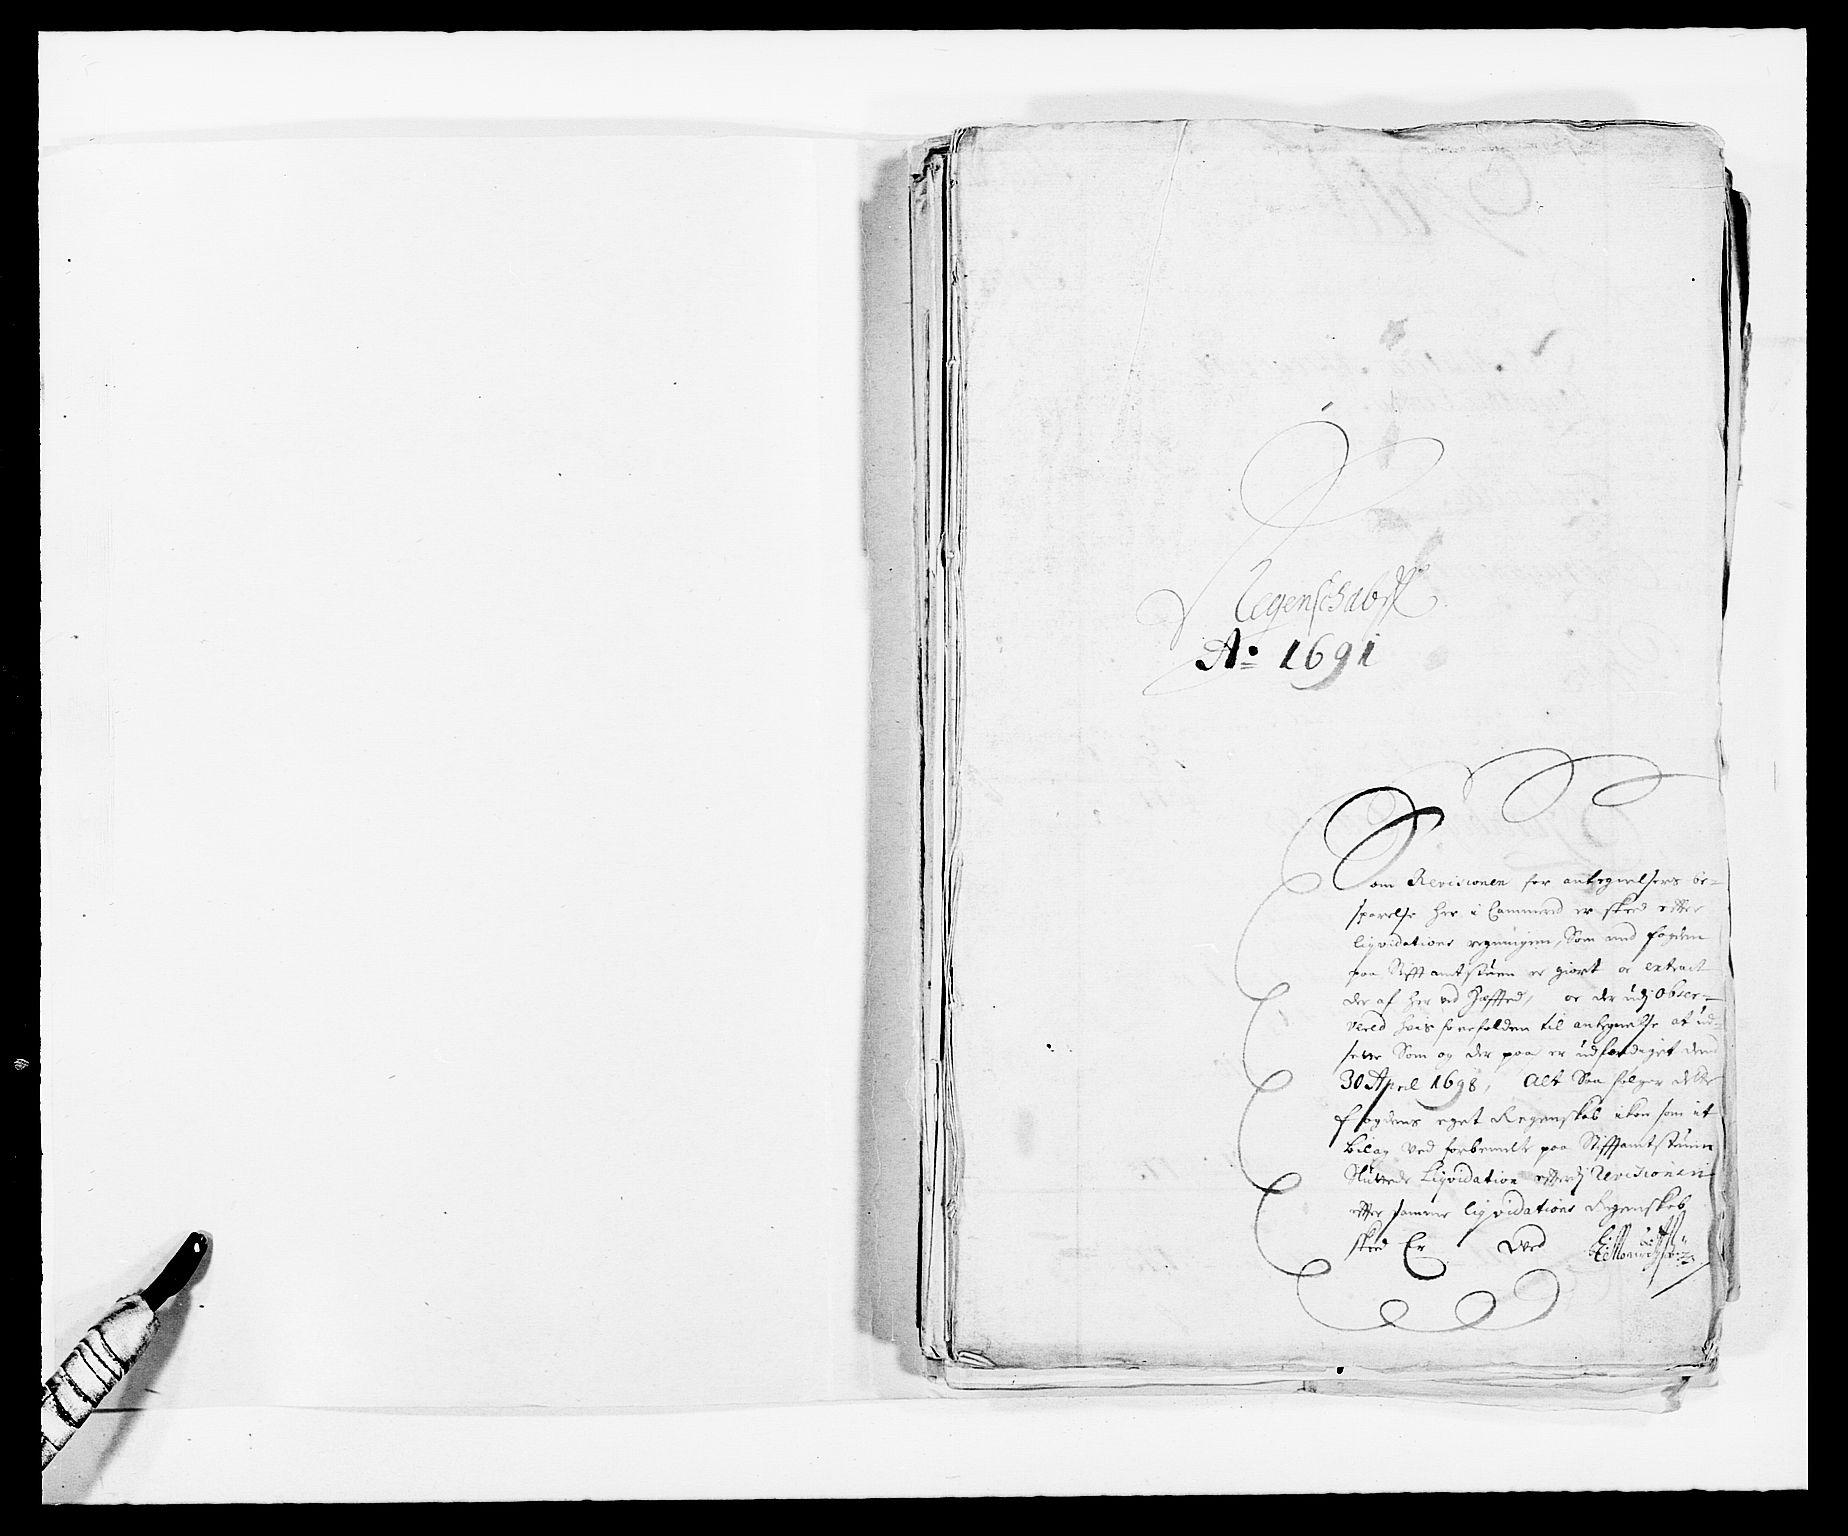 RA, Rentekammeret inntil 1814, Reviderte regnskaper, Fogderegnskap, R06/L0283: Fogderegnskap Heggen og Frøland, 1691-1693, s. 2